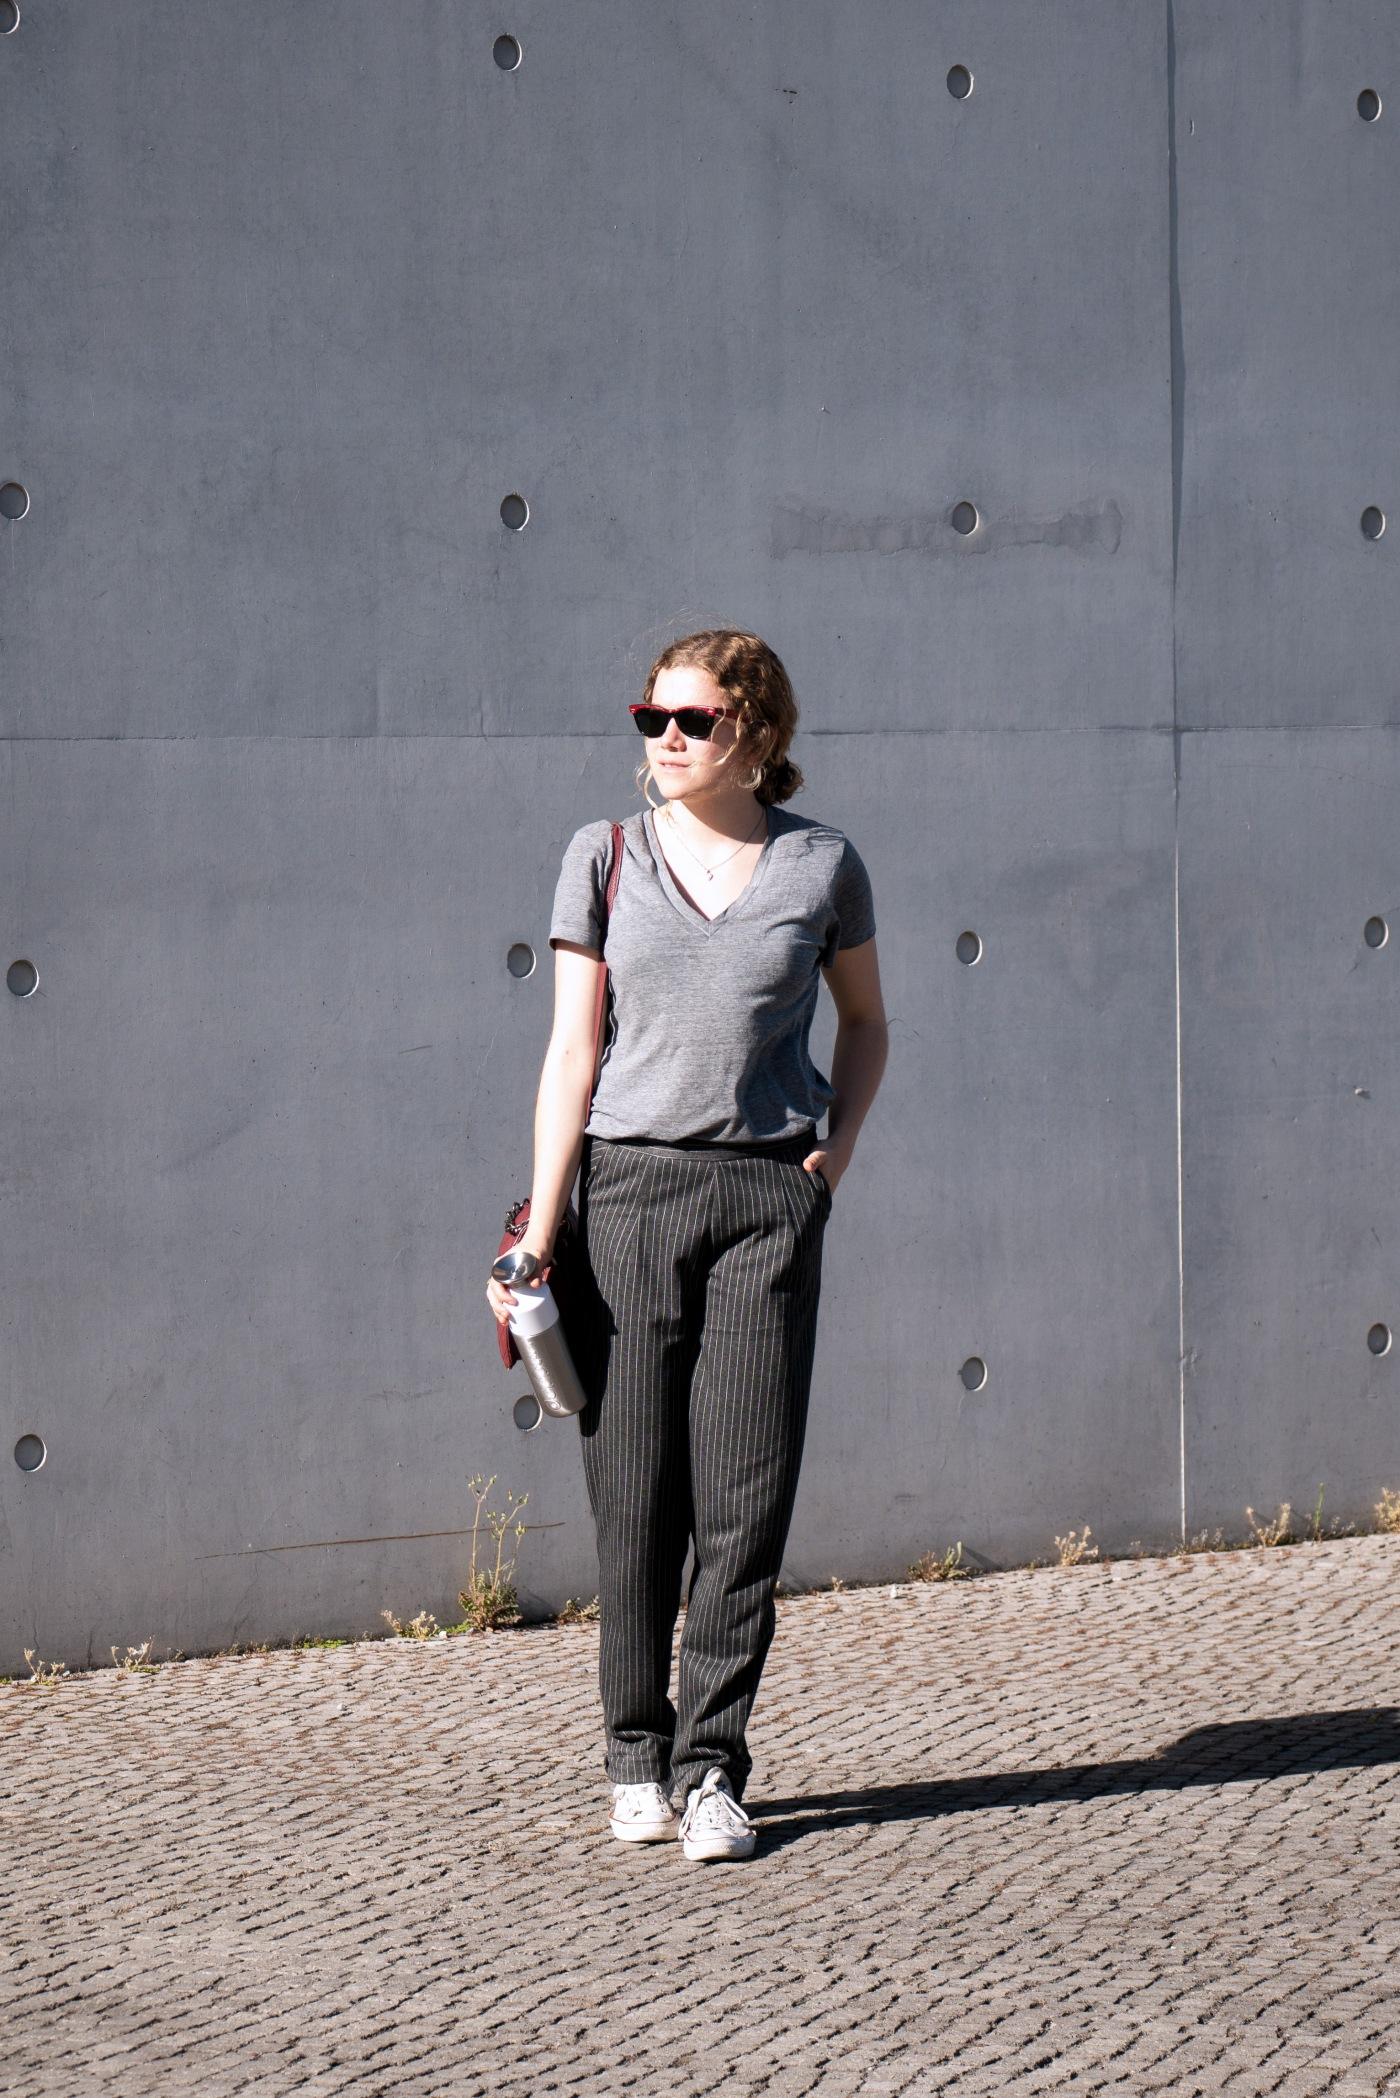 berlin2.1.jpg